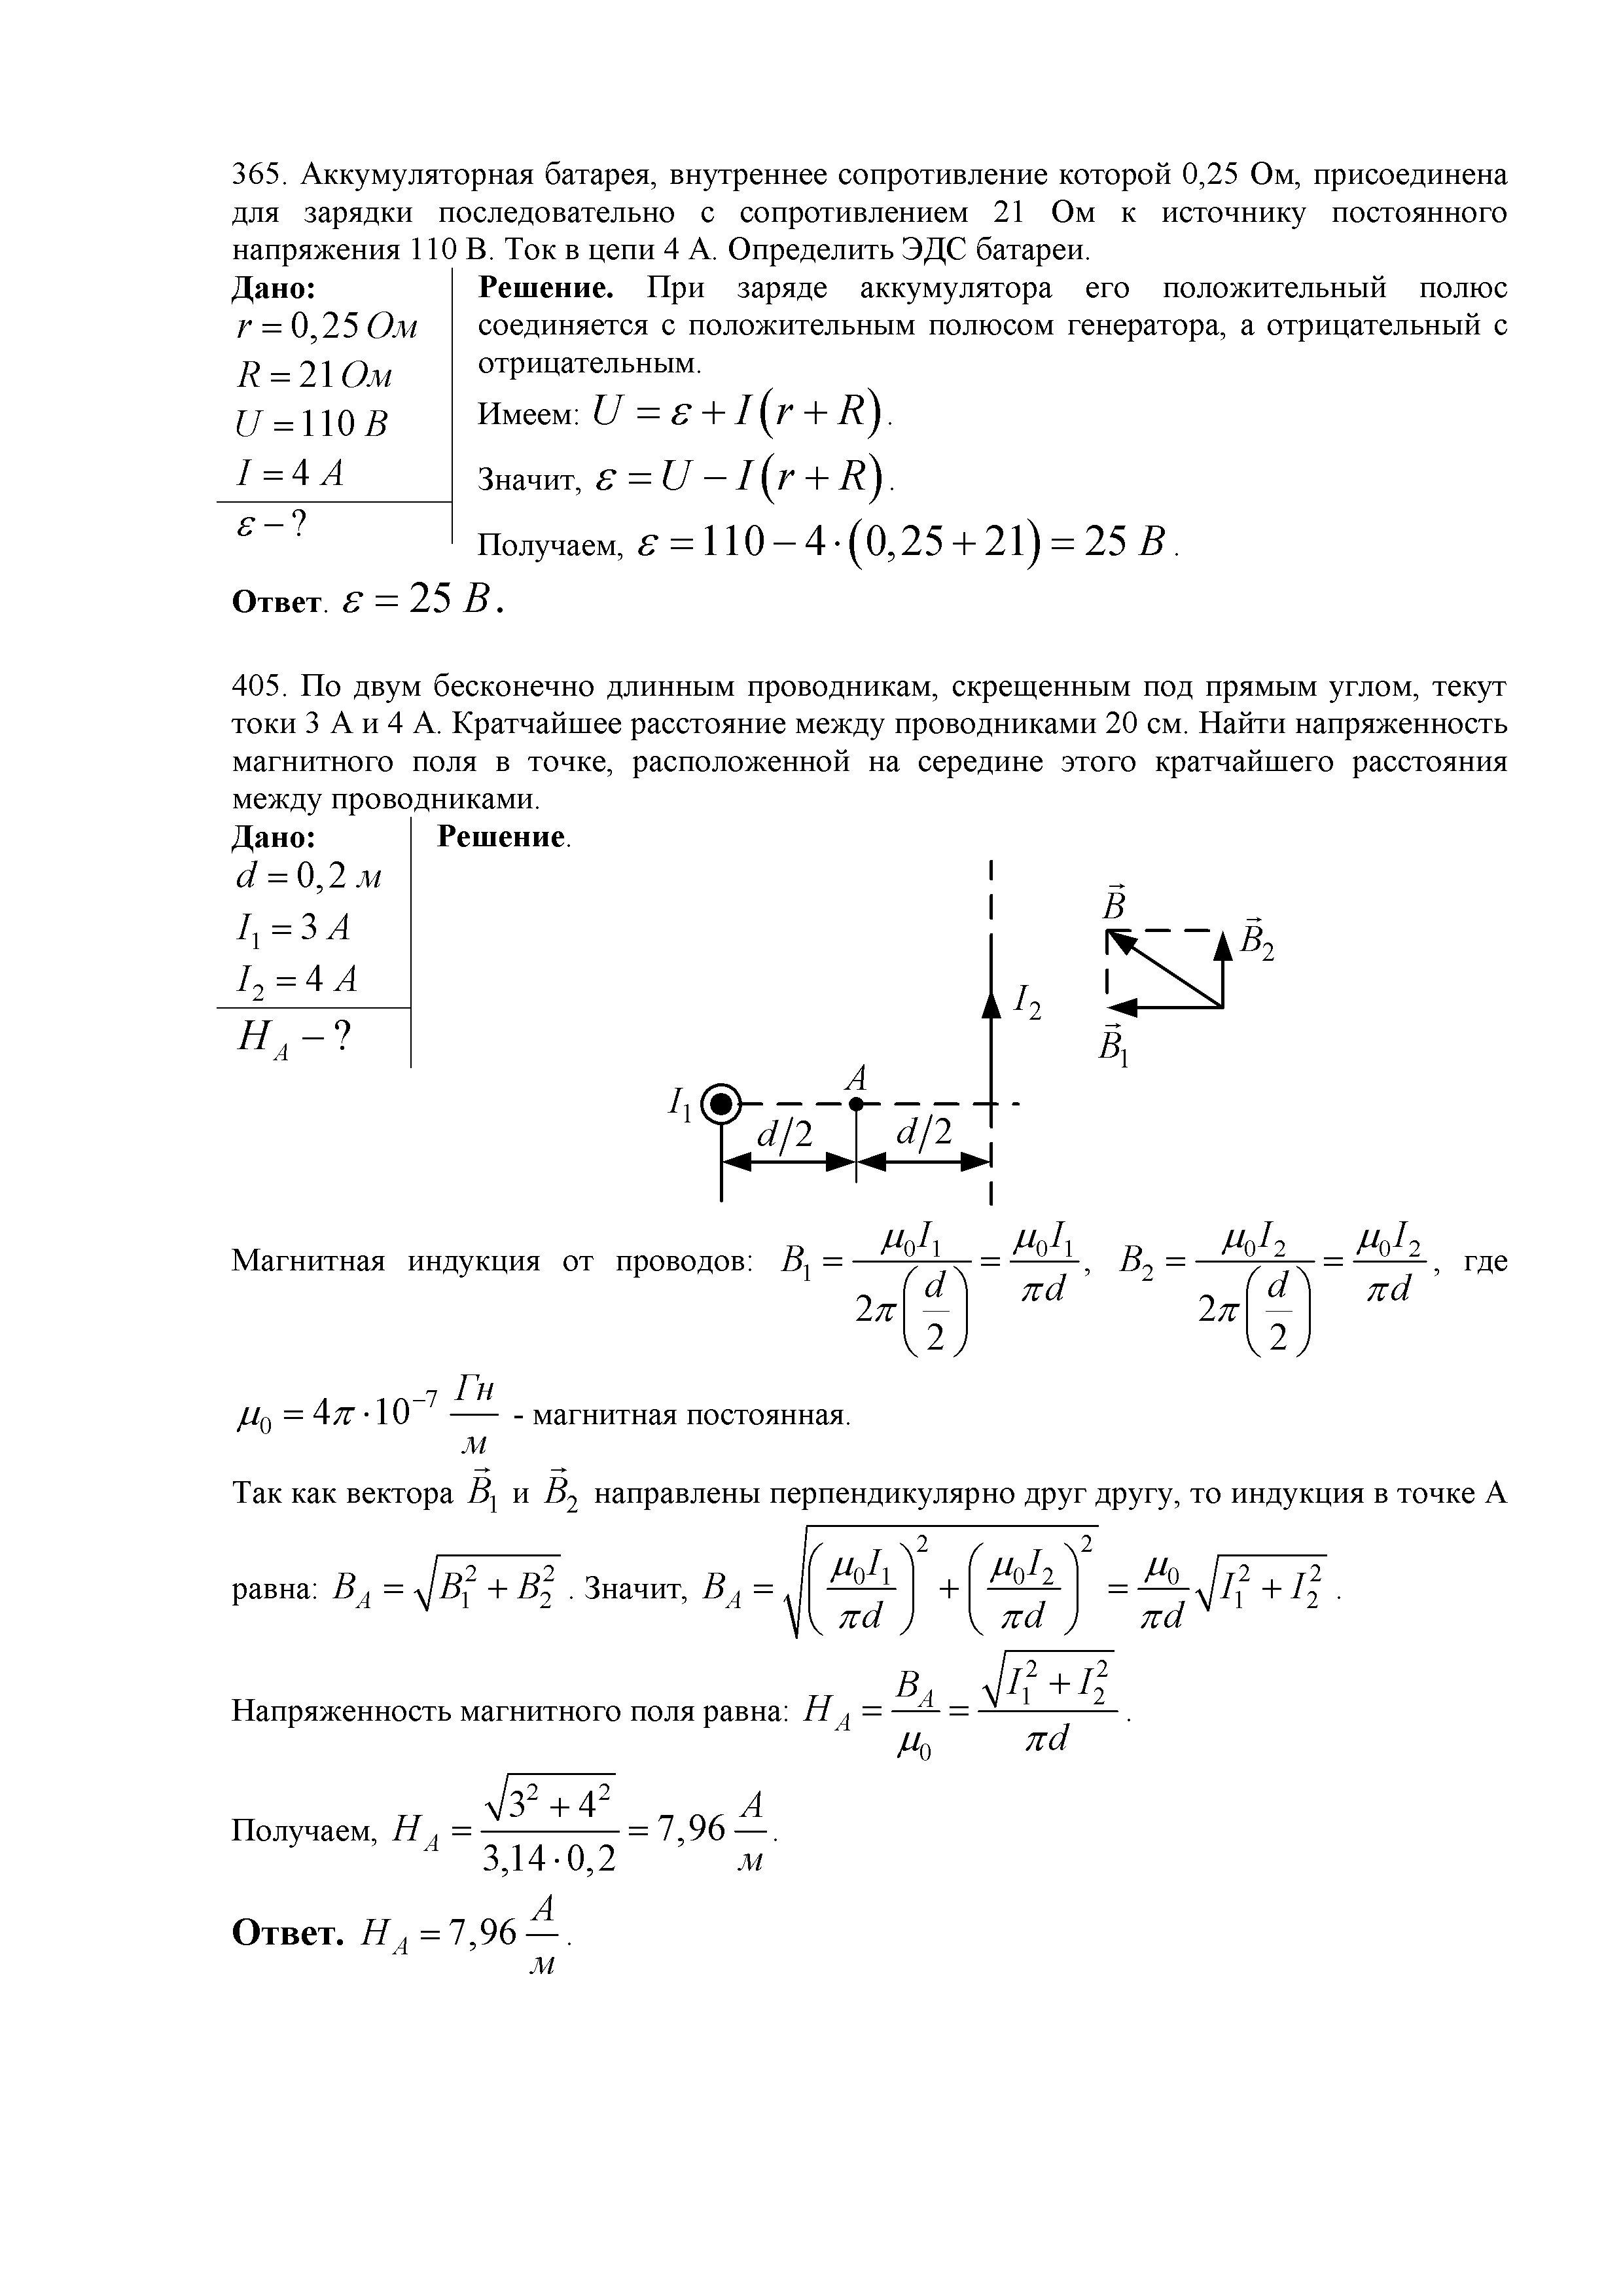 Контрольные работы по физике 1 курс решение 2669